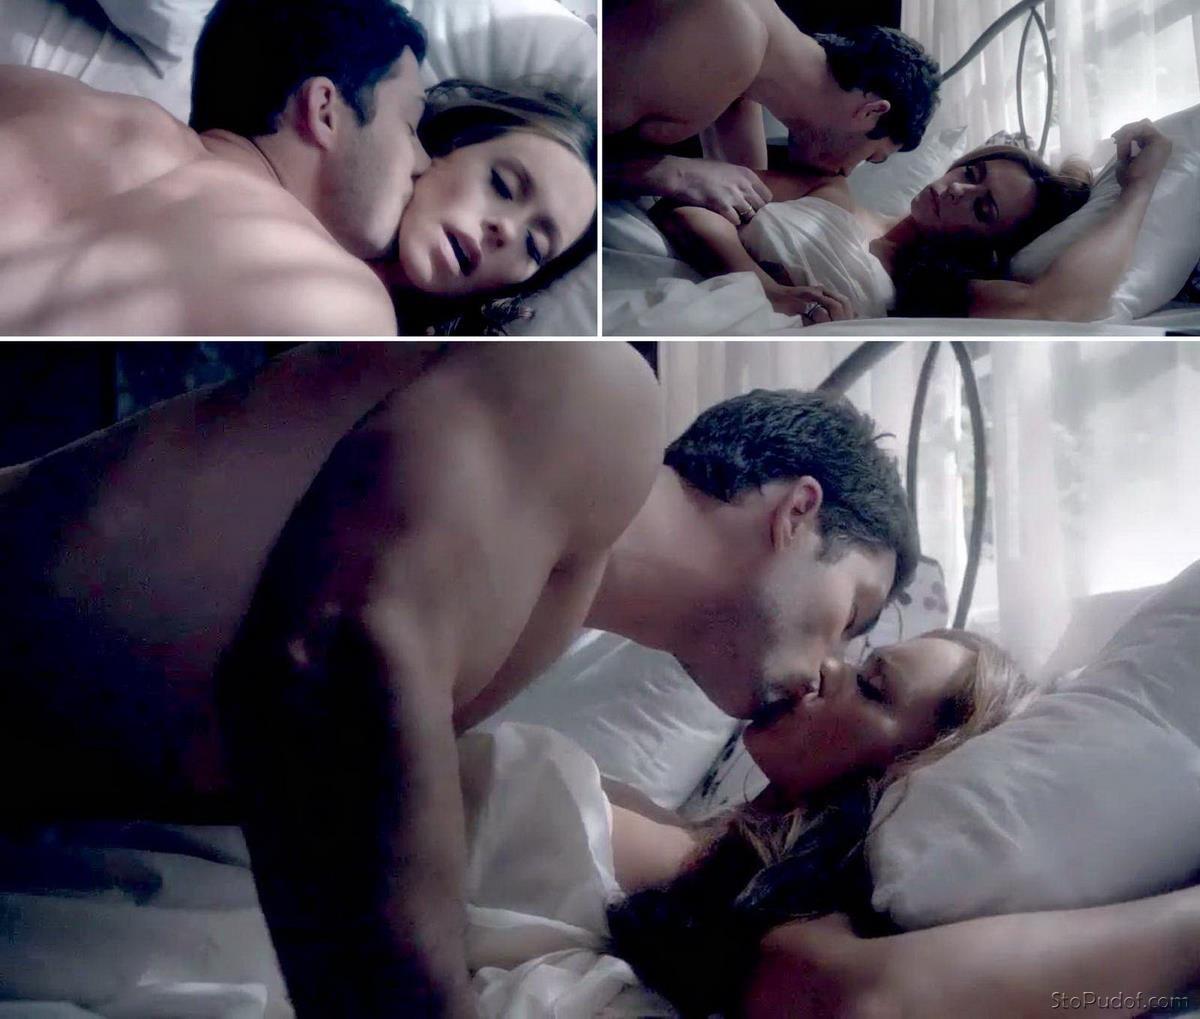 Alyssa milano with huge boobs